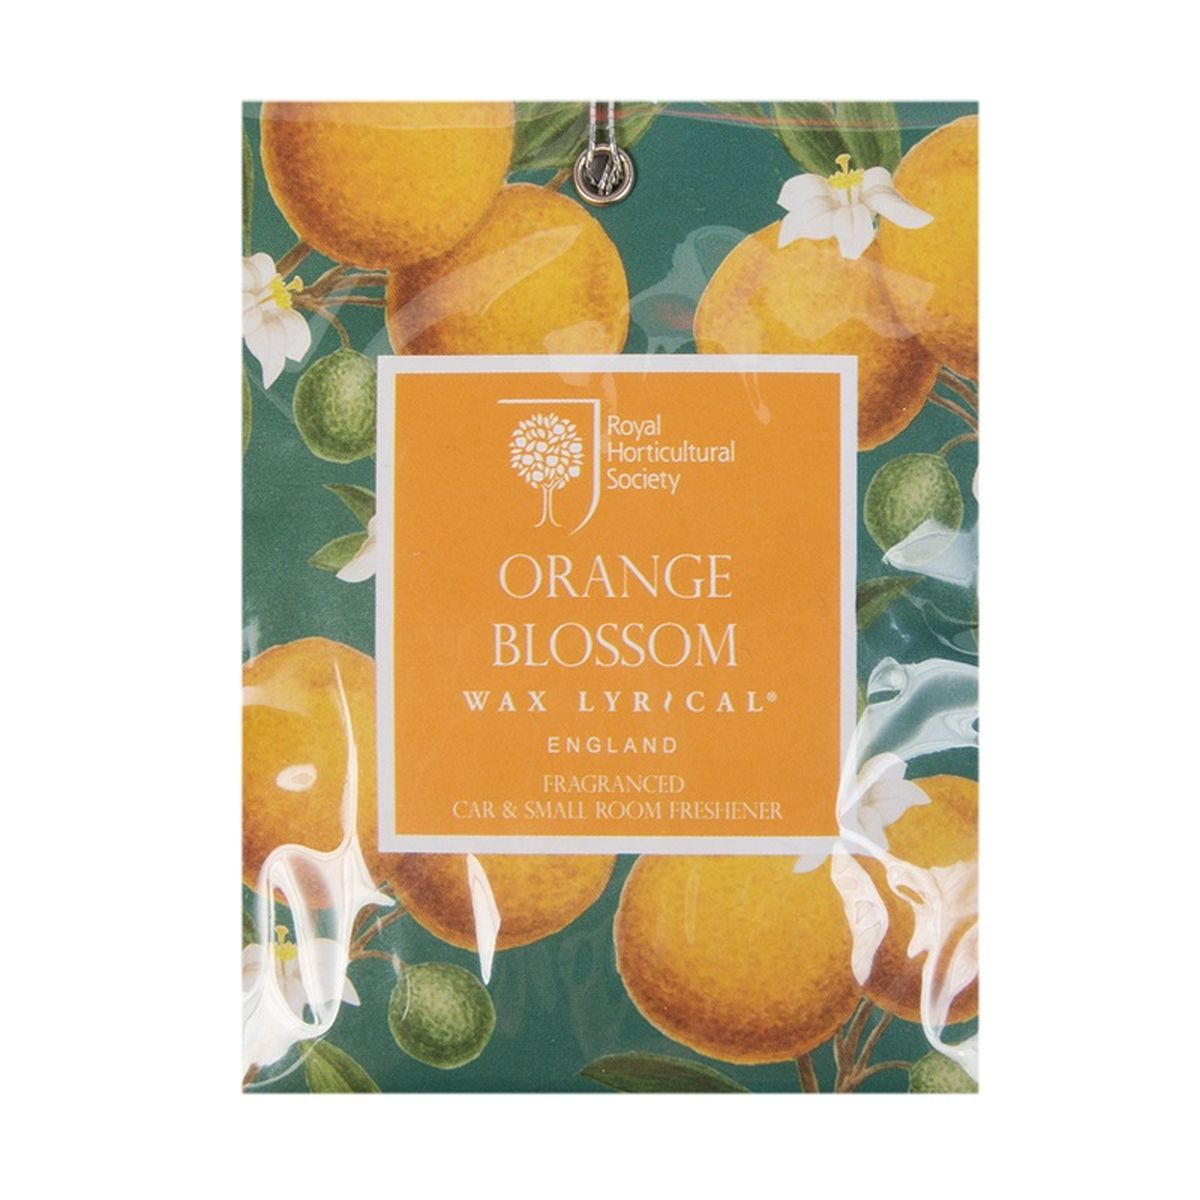 Мини-саше ароматическое Wax Lyrical Цветок апельсина, 20 гBL-1BМини-саше ароматическое Wax Lyrical Цветок апельсина имеет красивый весенний аромат цветущего апельсинового дерева и гардении со свежим воздушным зелёным оттенком верхних нот, подчеркнутый тёплой основой из амбры и мускуса.